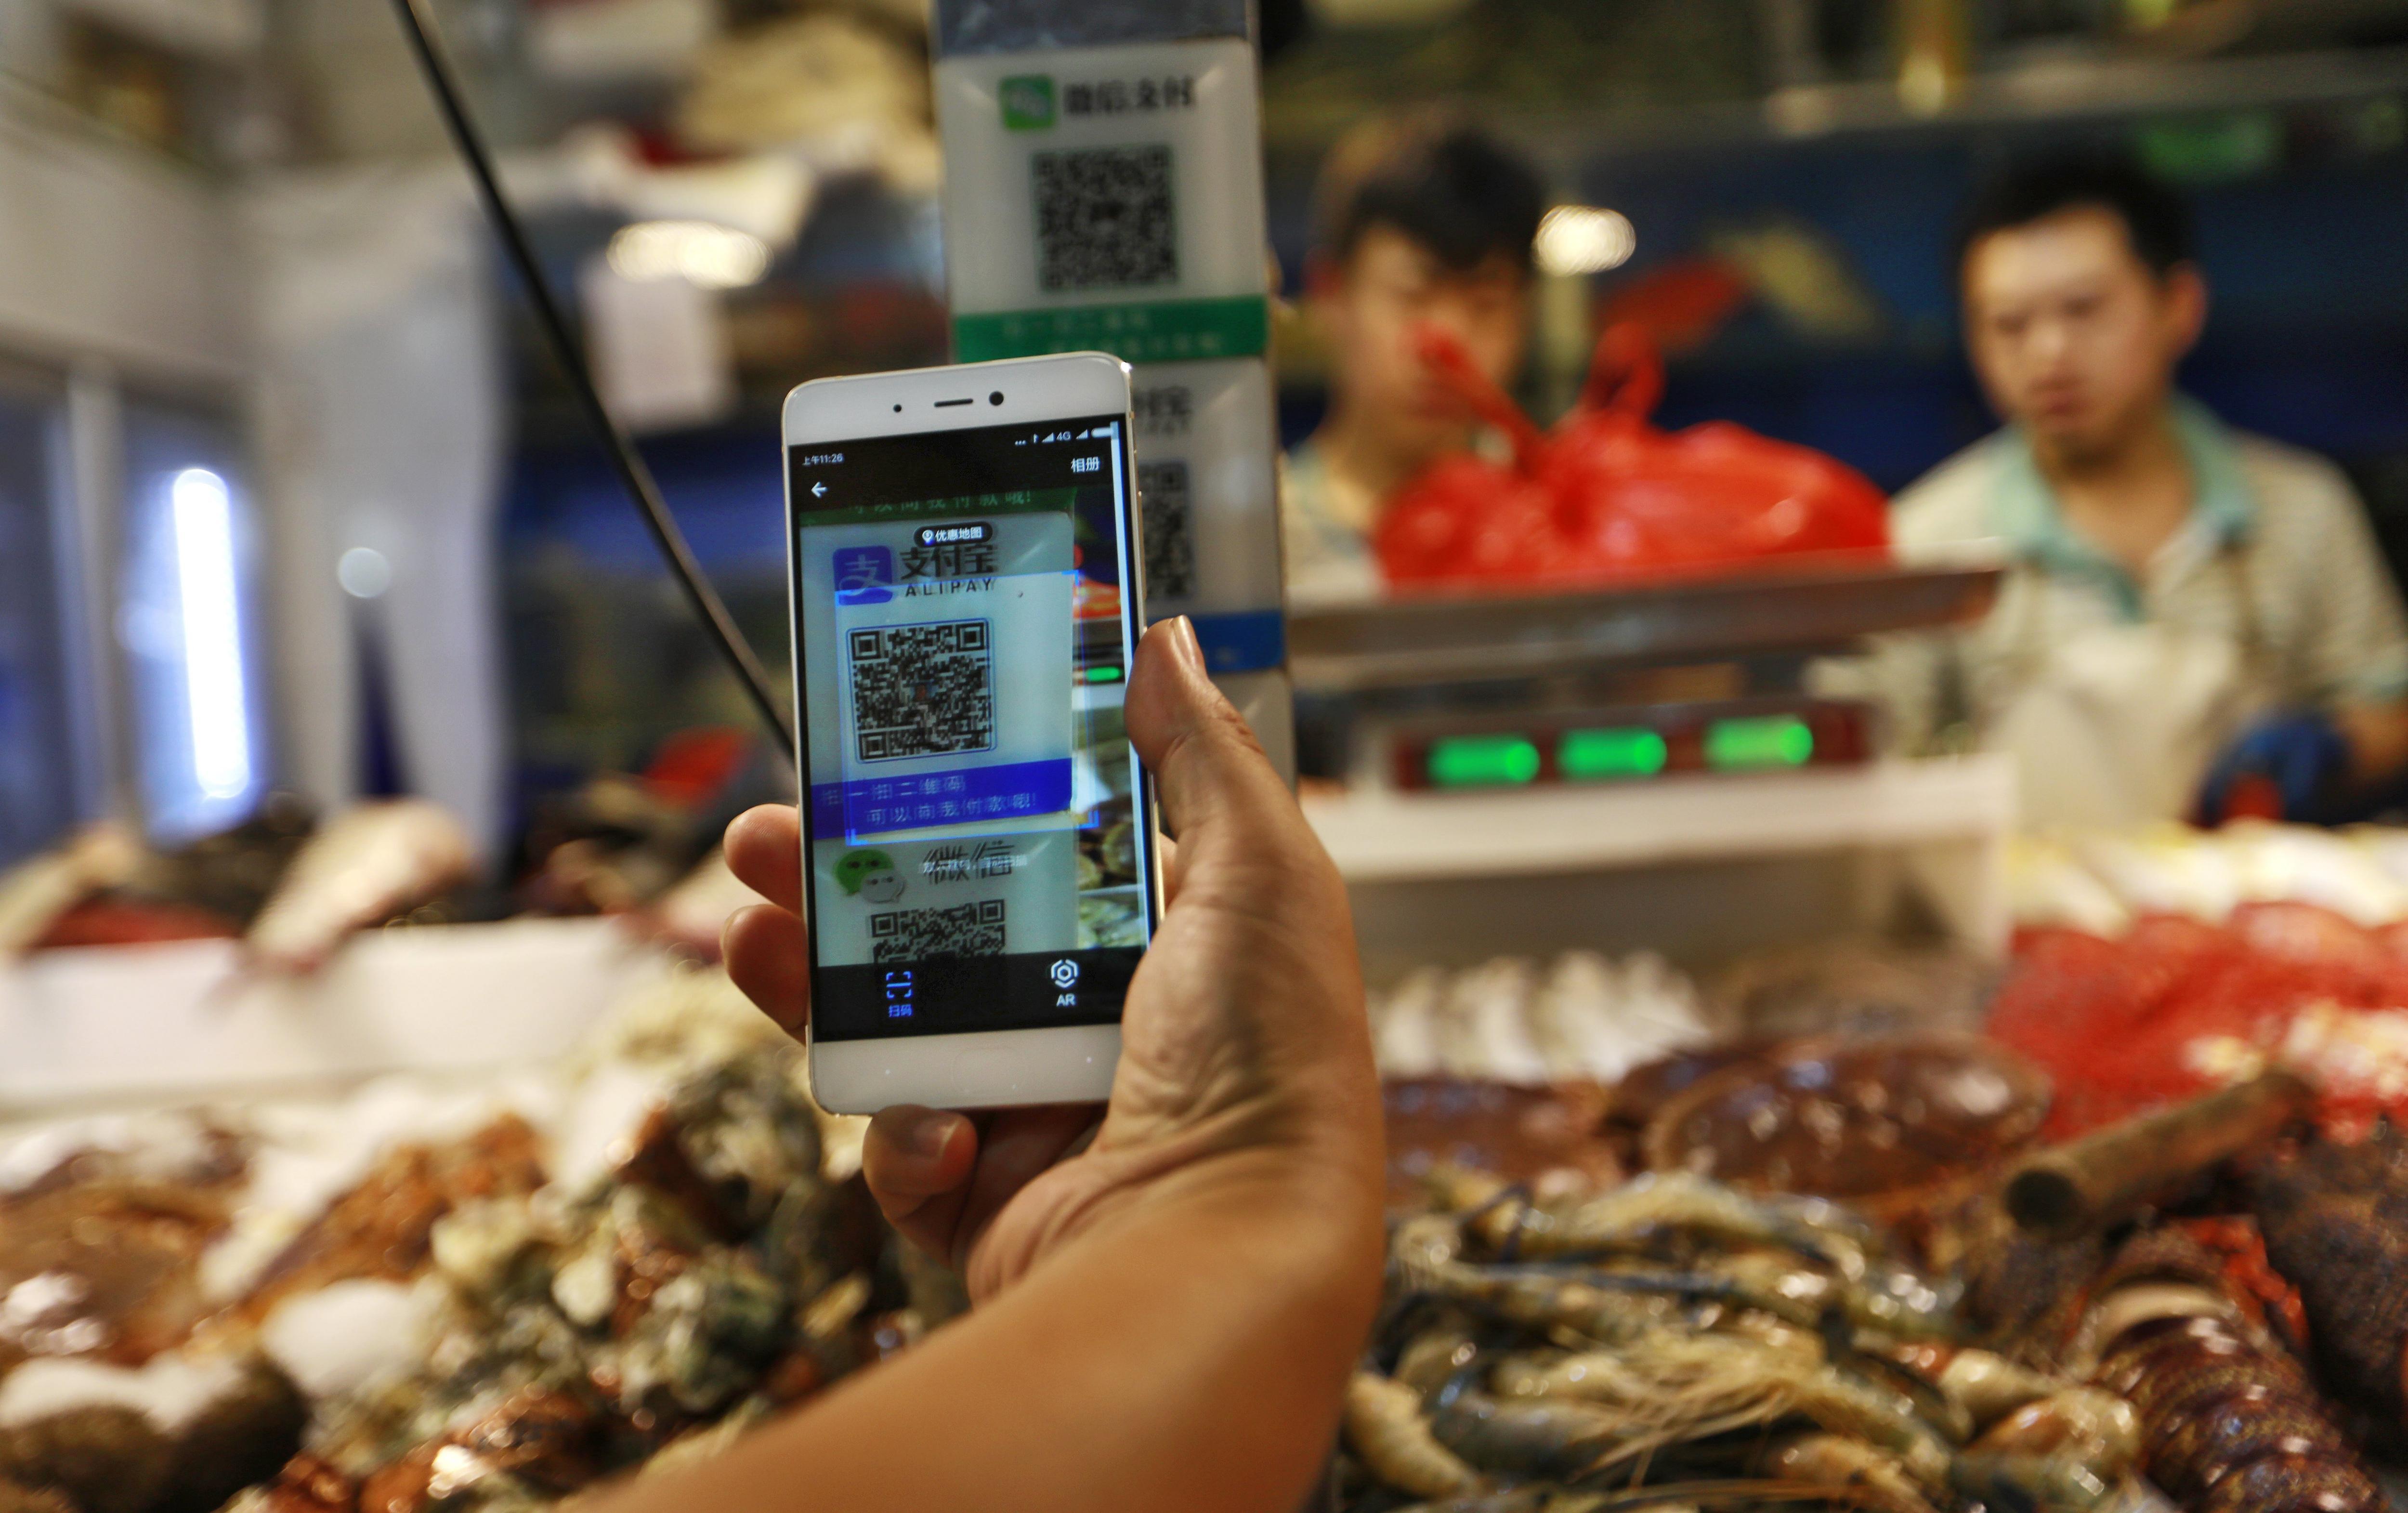 Un client escaneja un codi QR de Alipay per realitzar un pagament a través d'un telèfon mòbil en un mercat a Pequín. L'IPC de Xina ha pujat un 1,4%. /HOW HWEE YOUNG